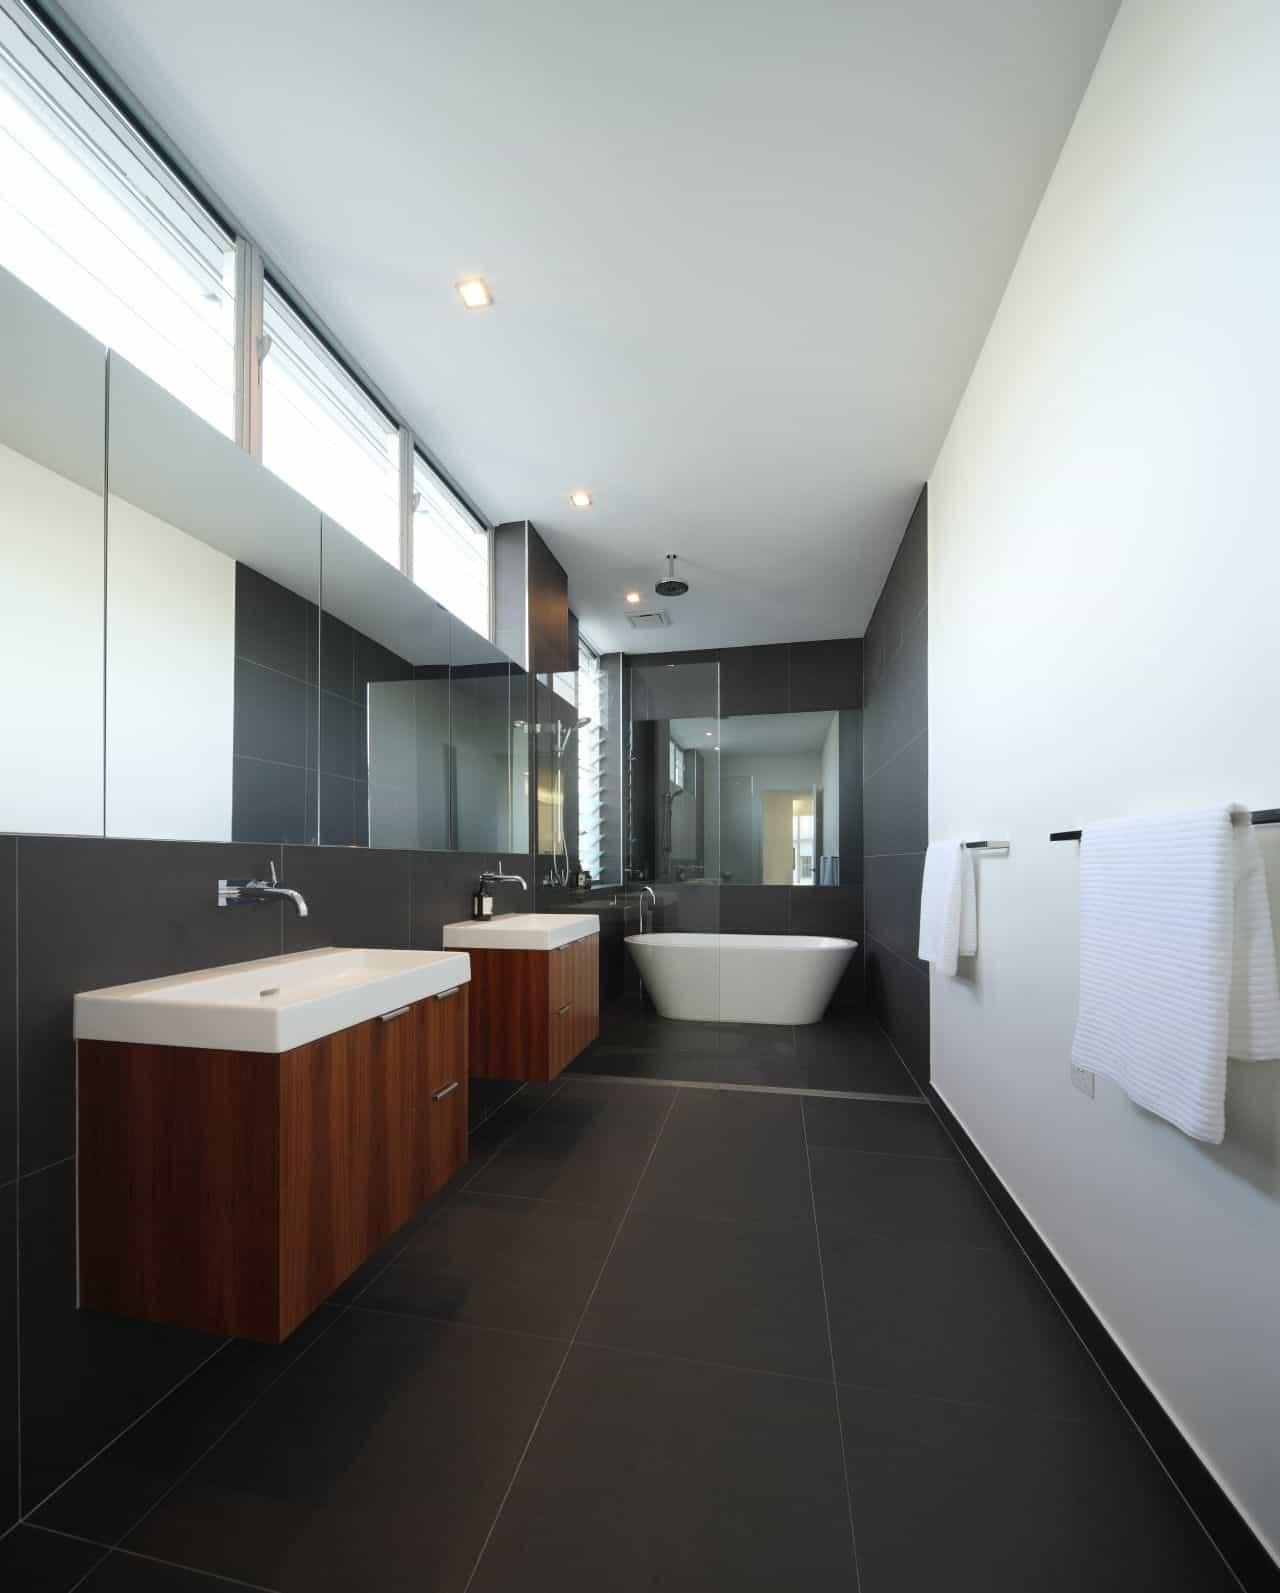 105 V House by Shaun Lockyer Architects (8)